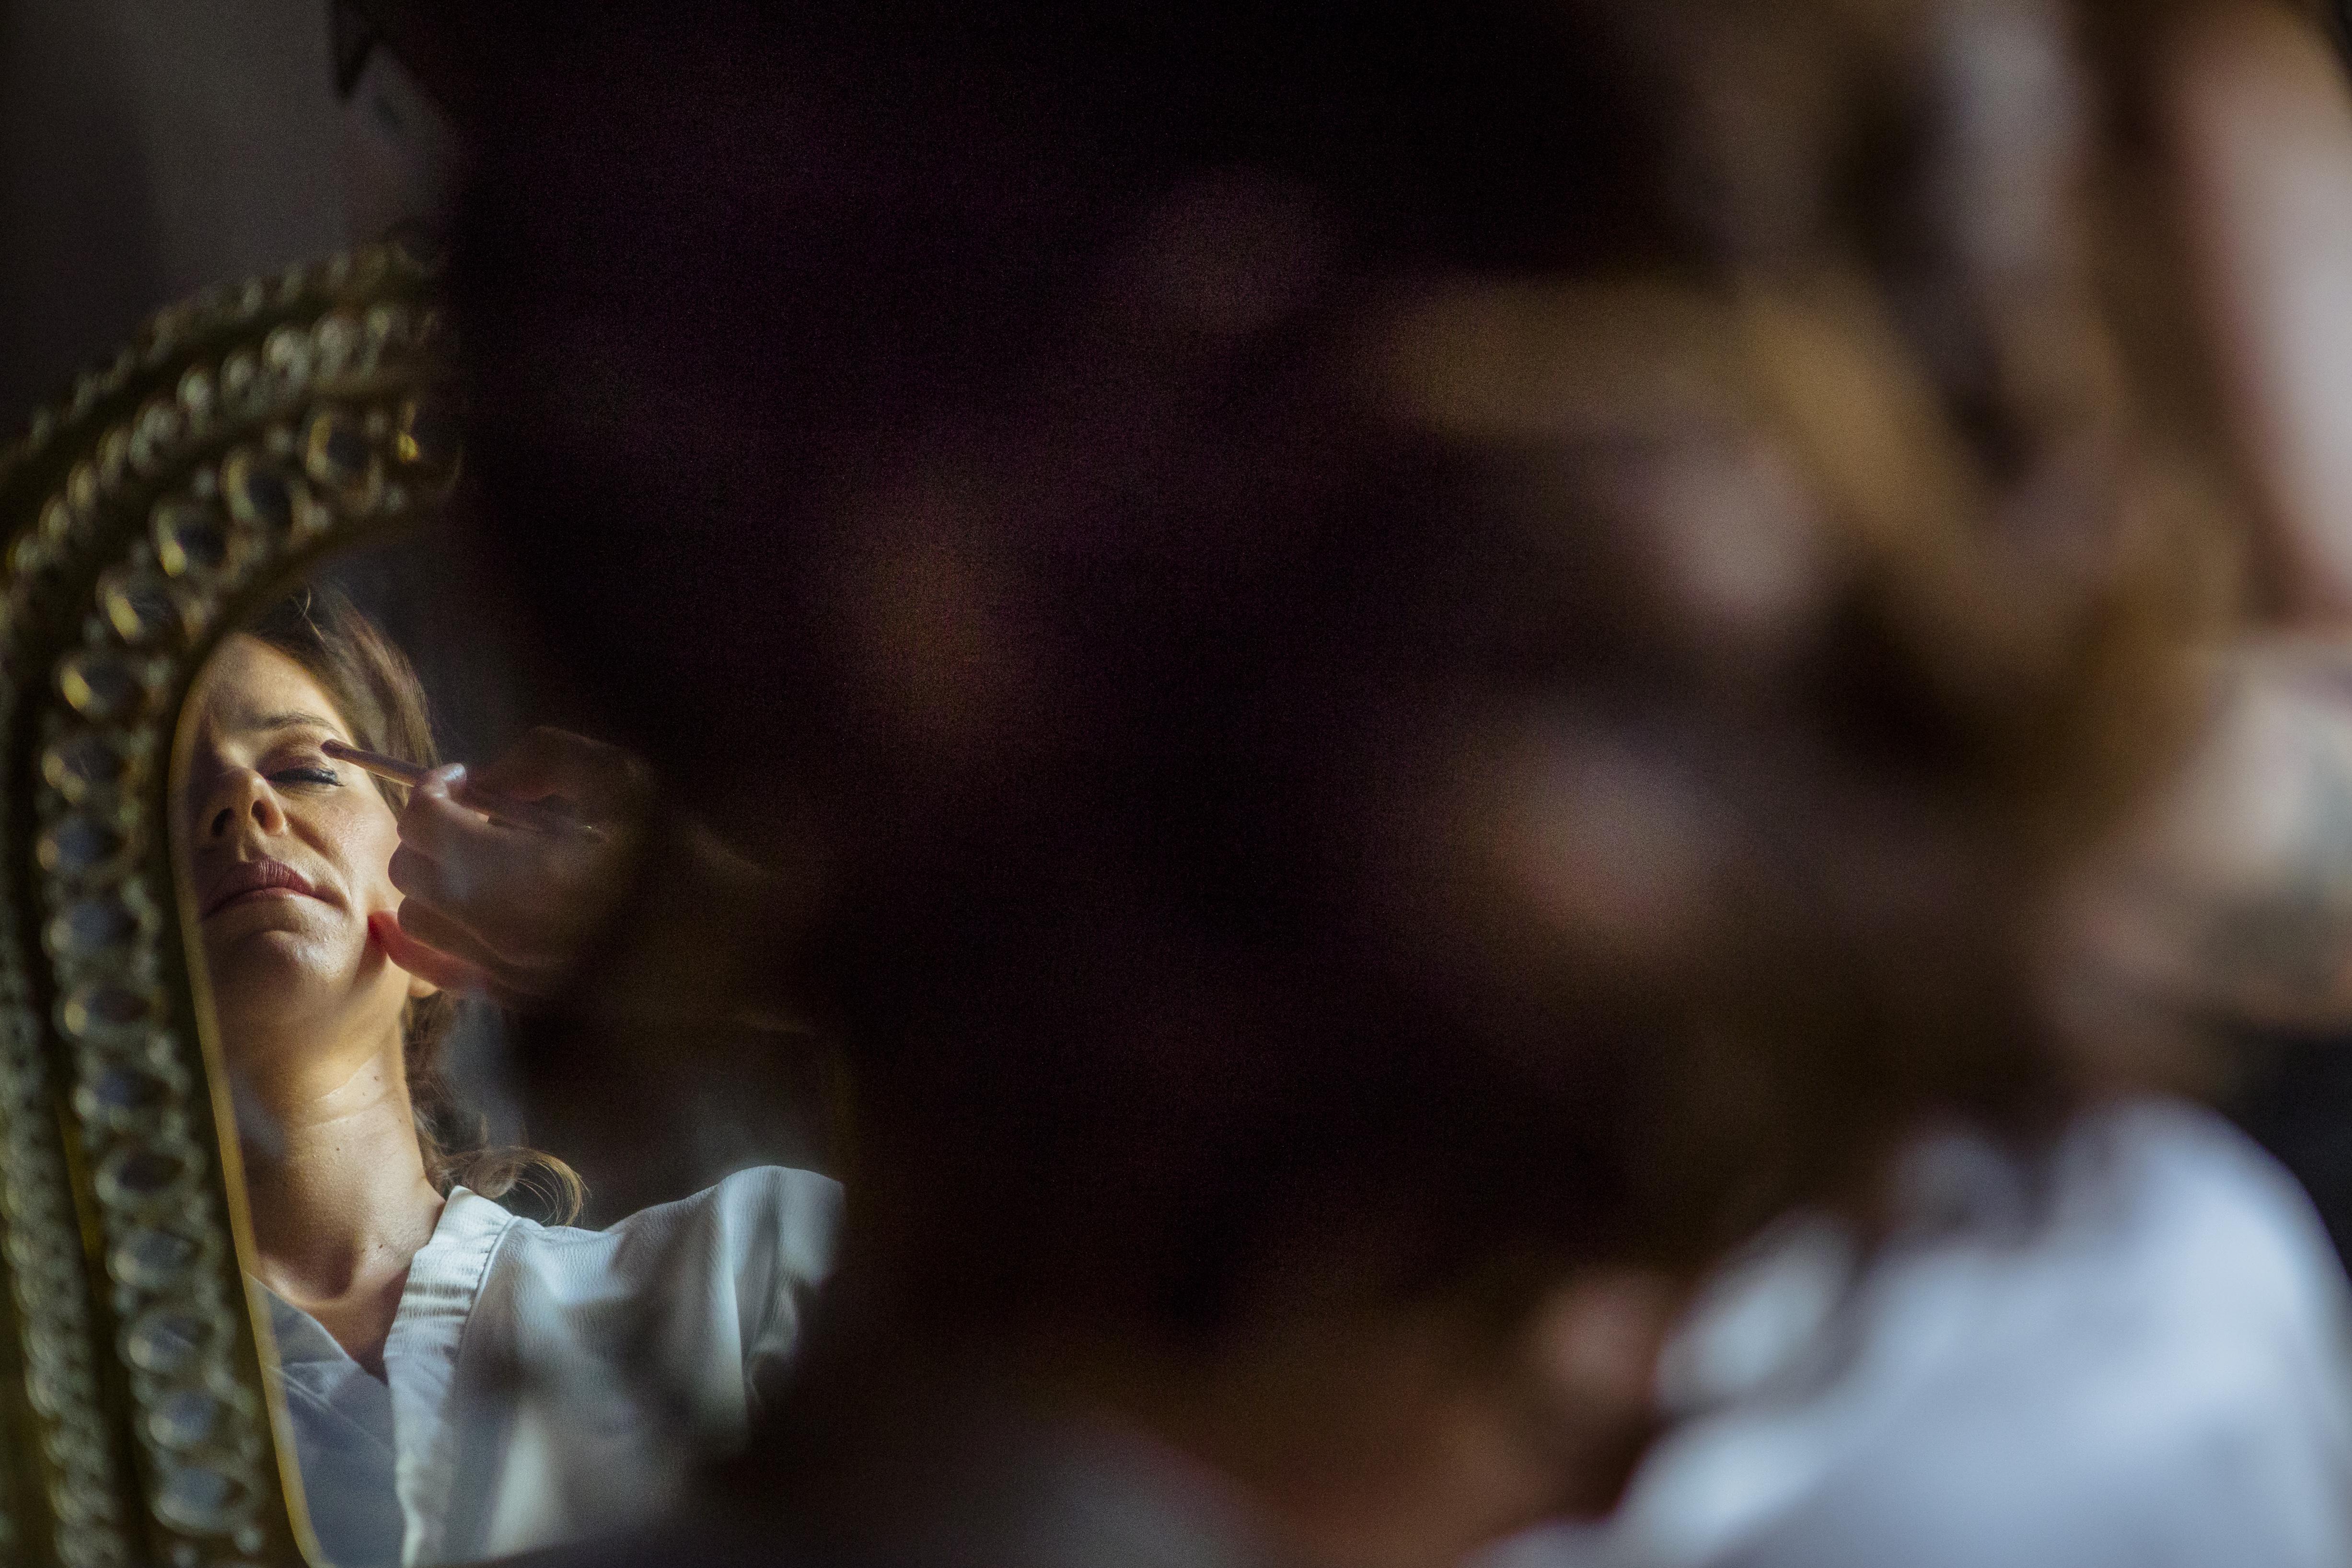 mandarina wedding, fotografos de boda, fotoperiodismo de boda, mejores fotografos de boda, bodas soria, bodas pirineo, bodas Madrid, fotógrafo daroca_11